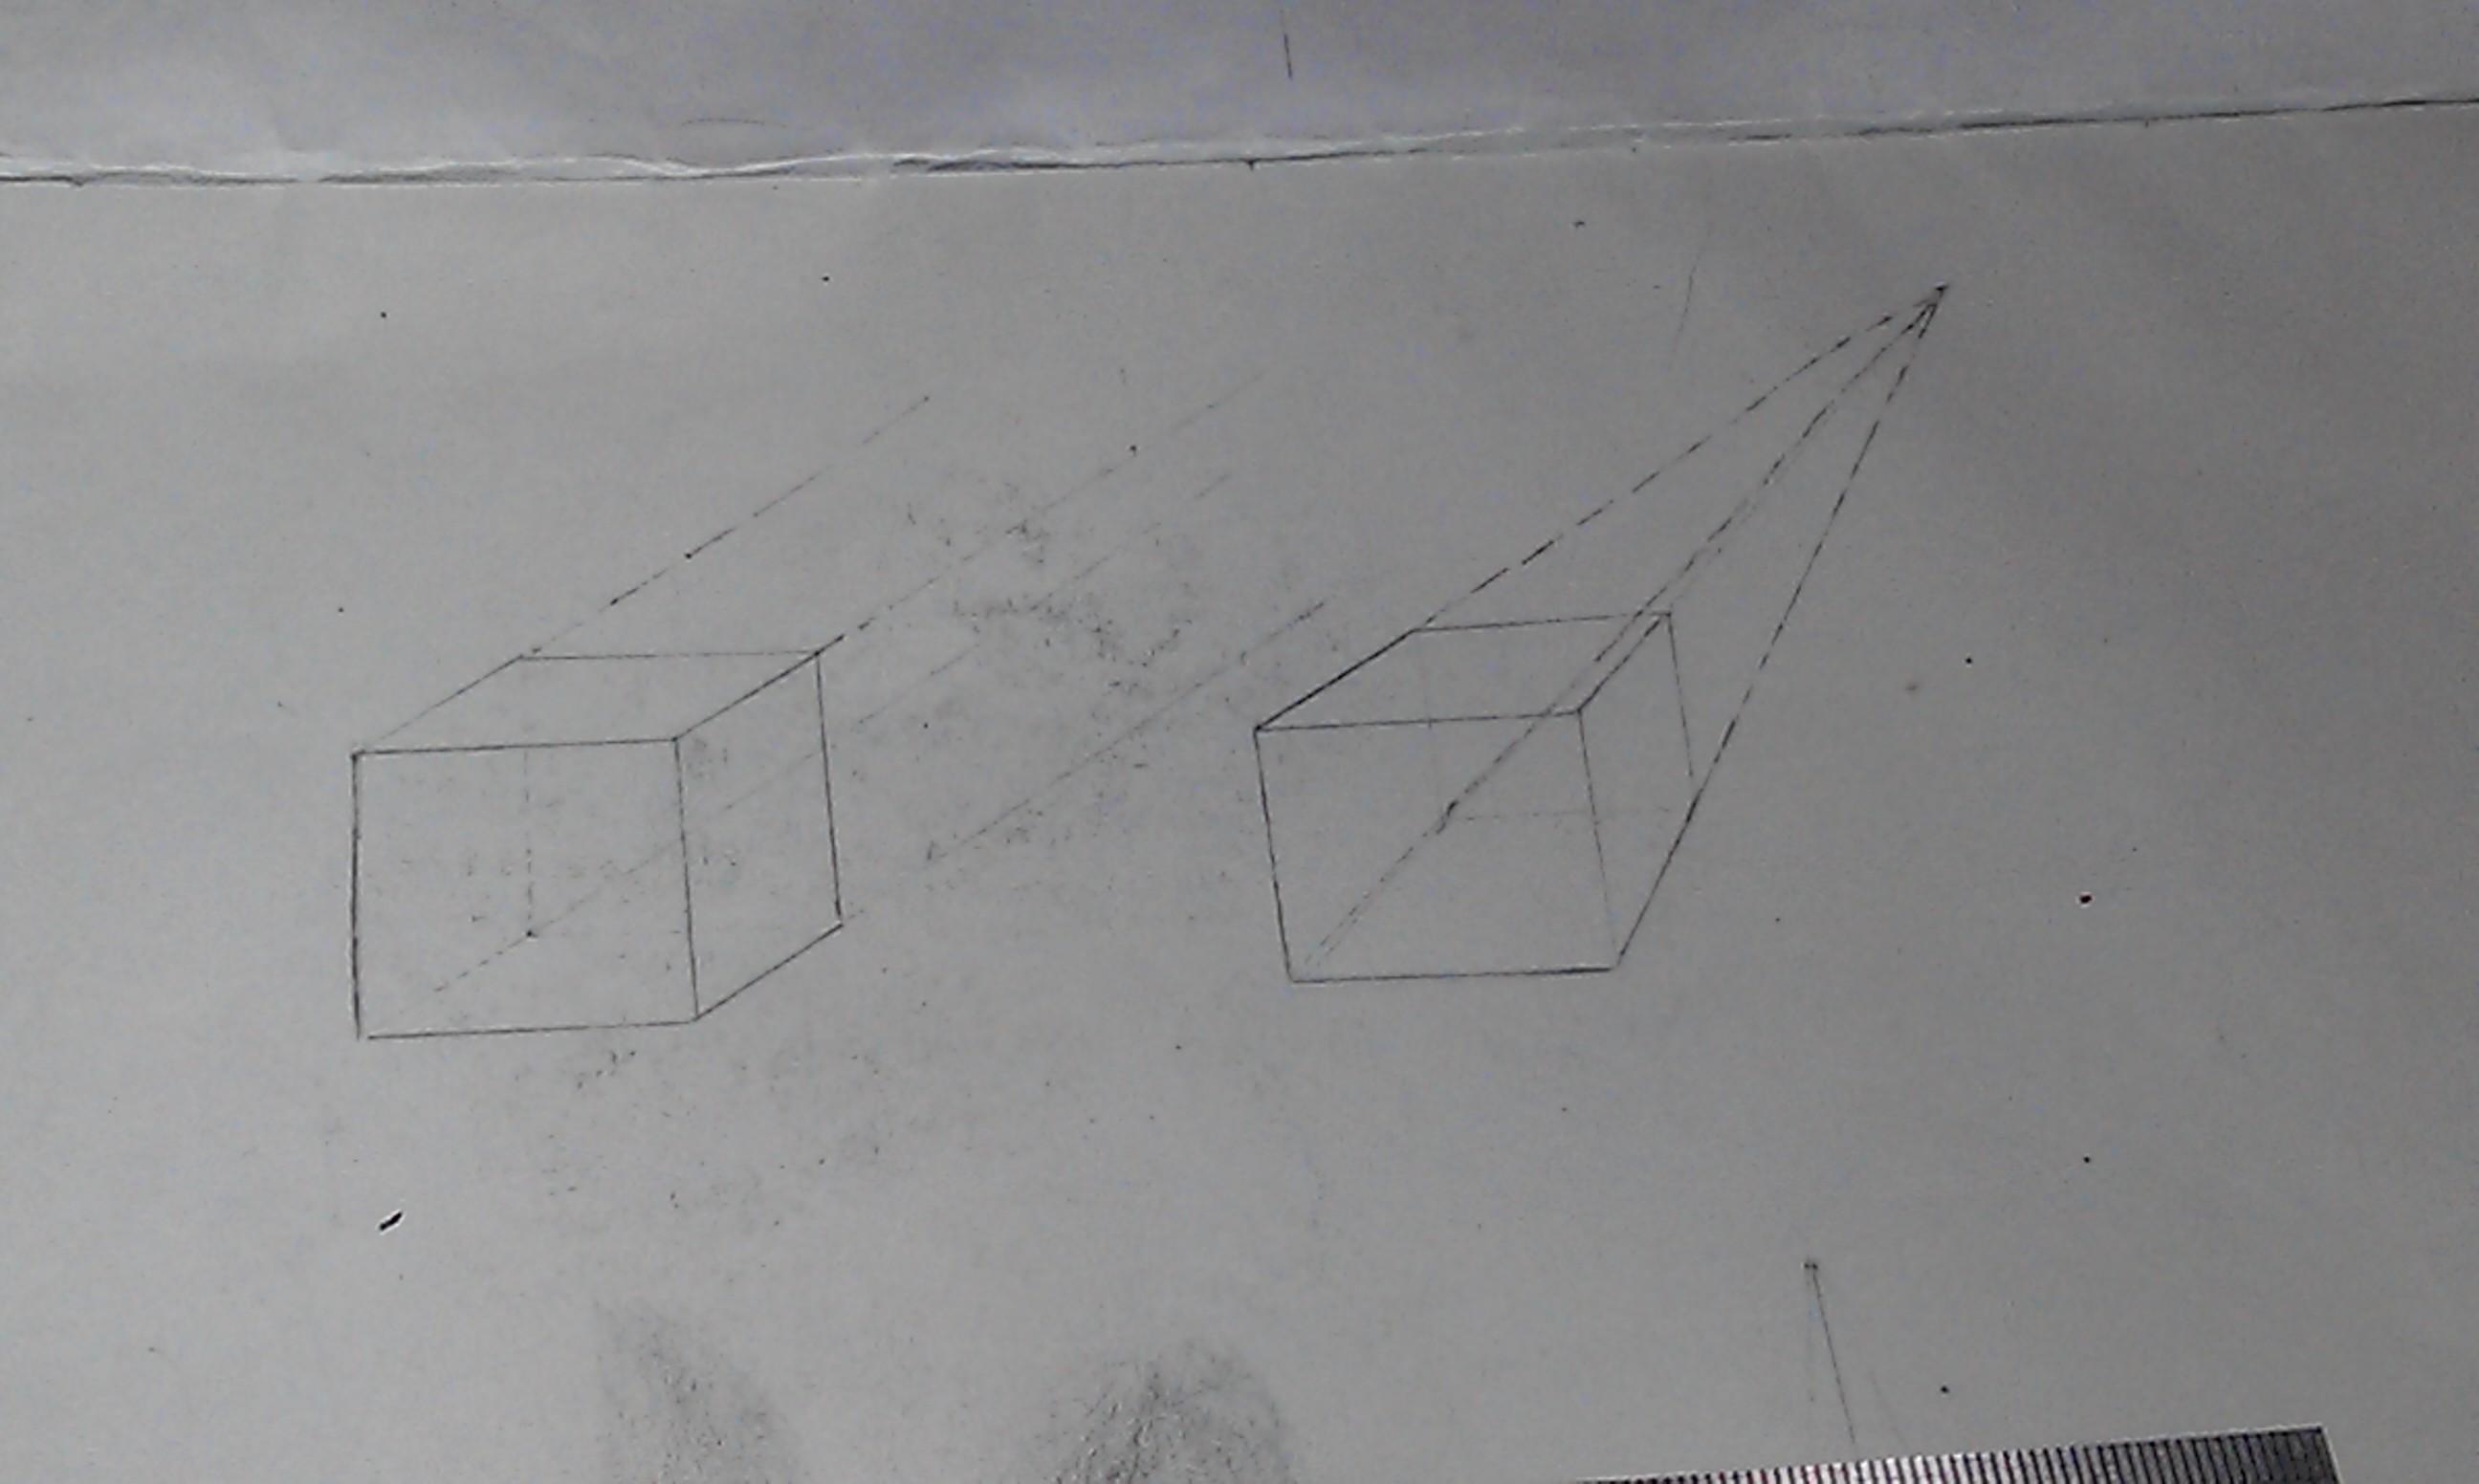 正方体画法图片大全 石膏正方体的画法图片